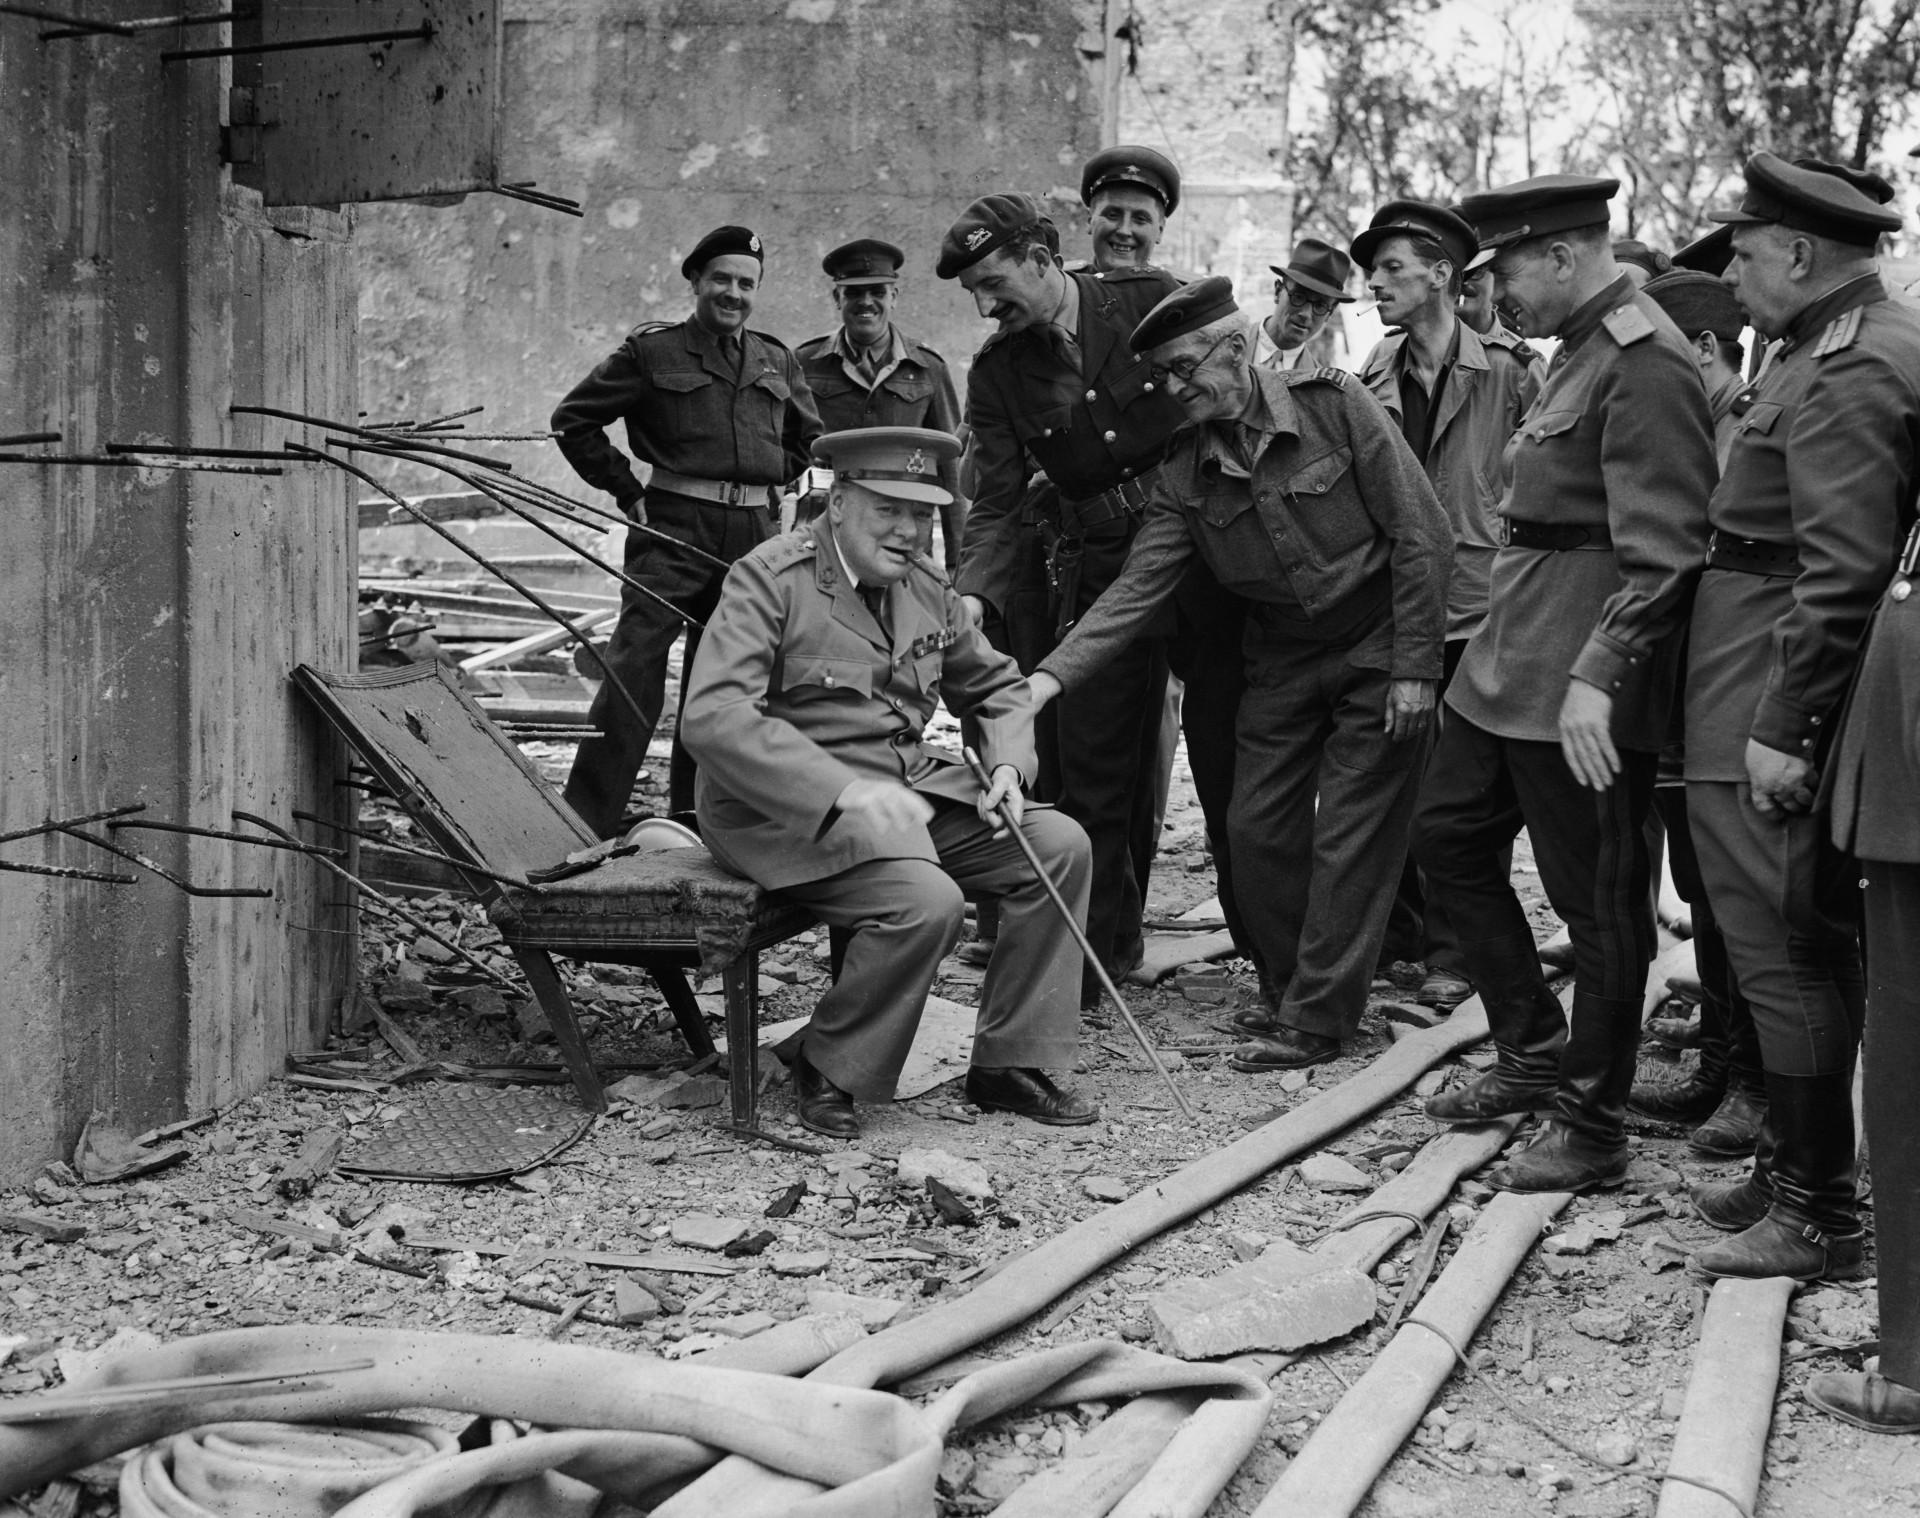 Luglio 1945: Winston Churchill nella Berlino liberata sulla sedia che fu di Hitler davanti alle macerie del Reichstag. (Getty Images/Fred Ramage)